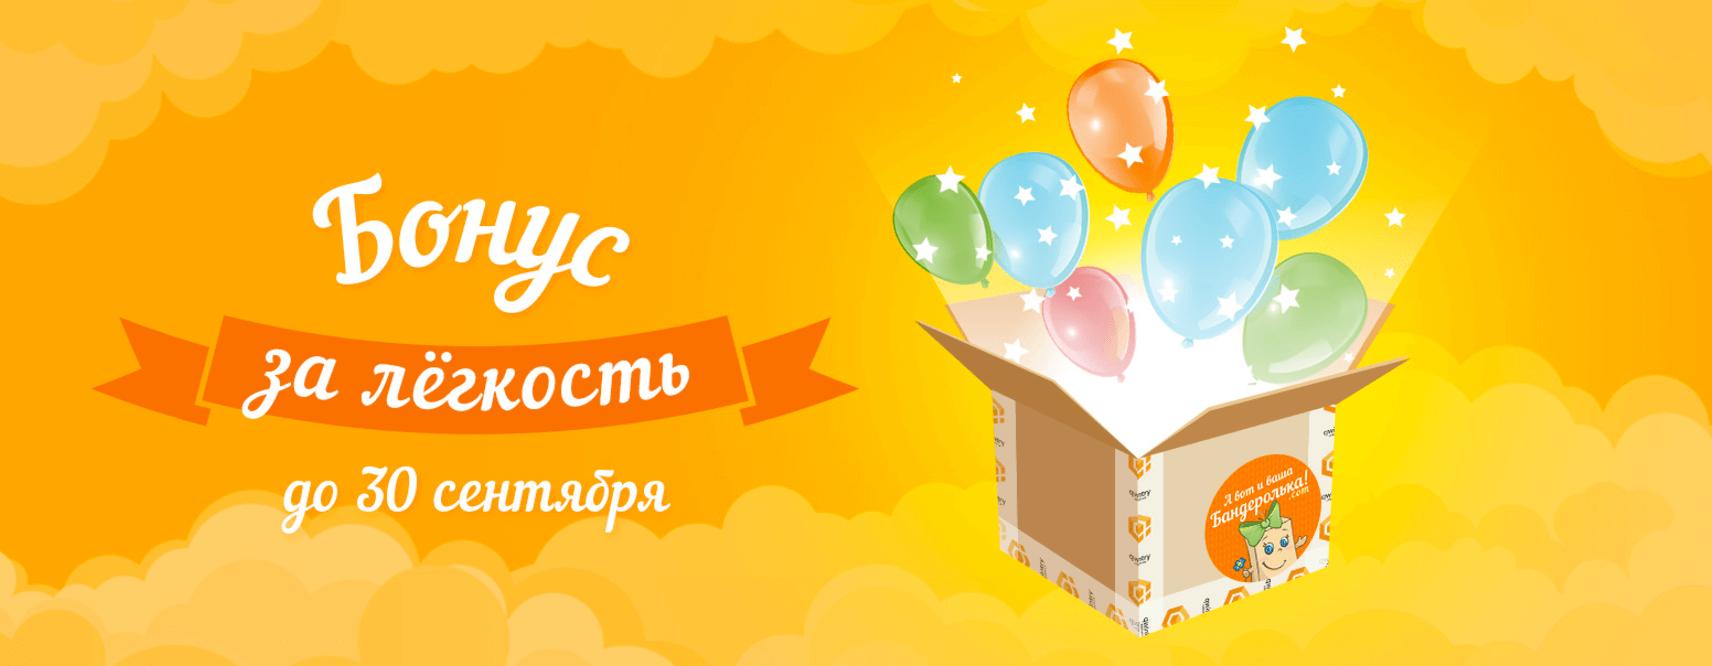 Как получить любой товар за 1 000 рублей?